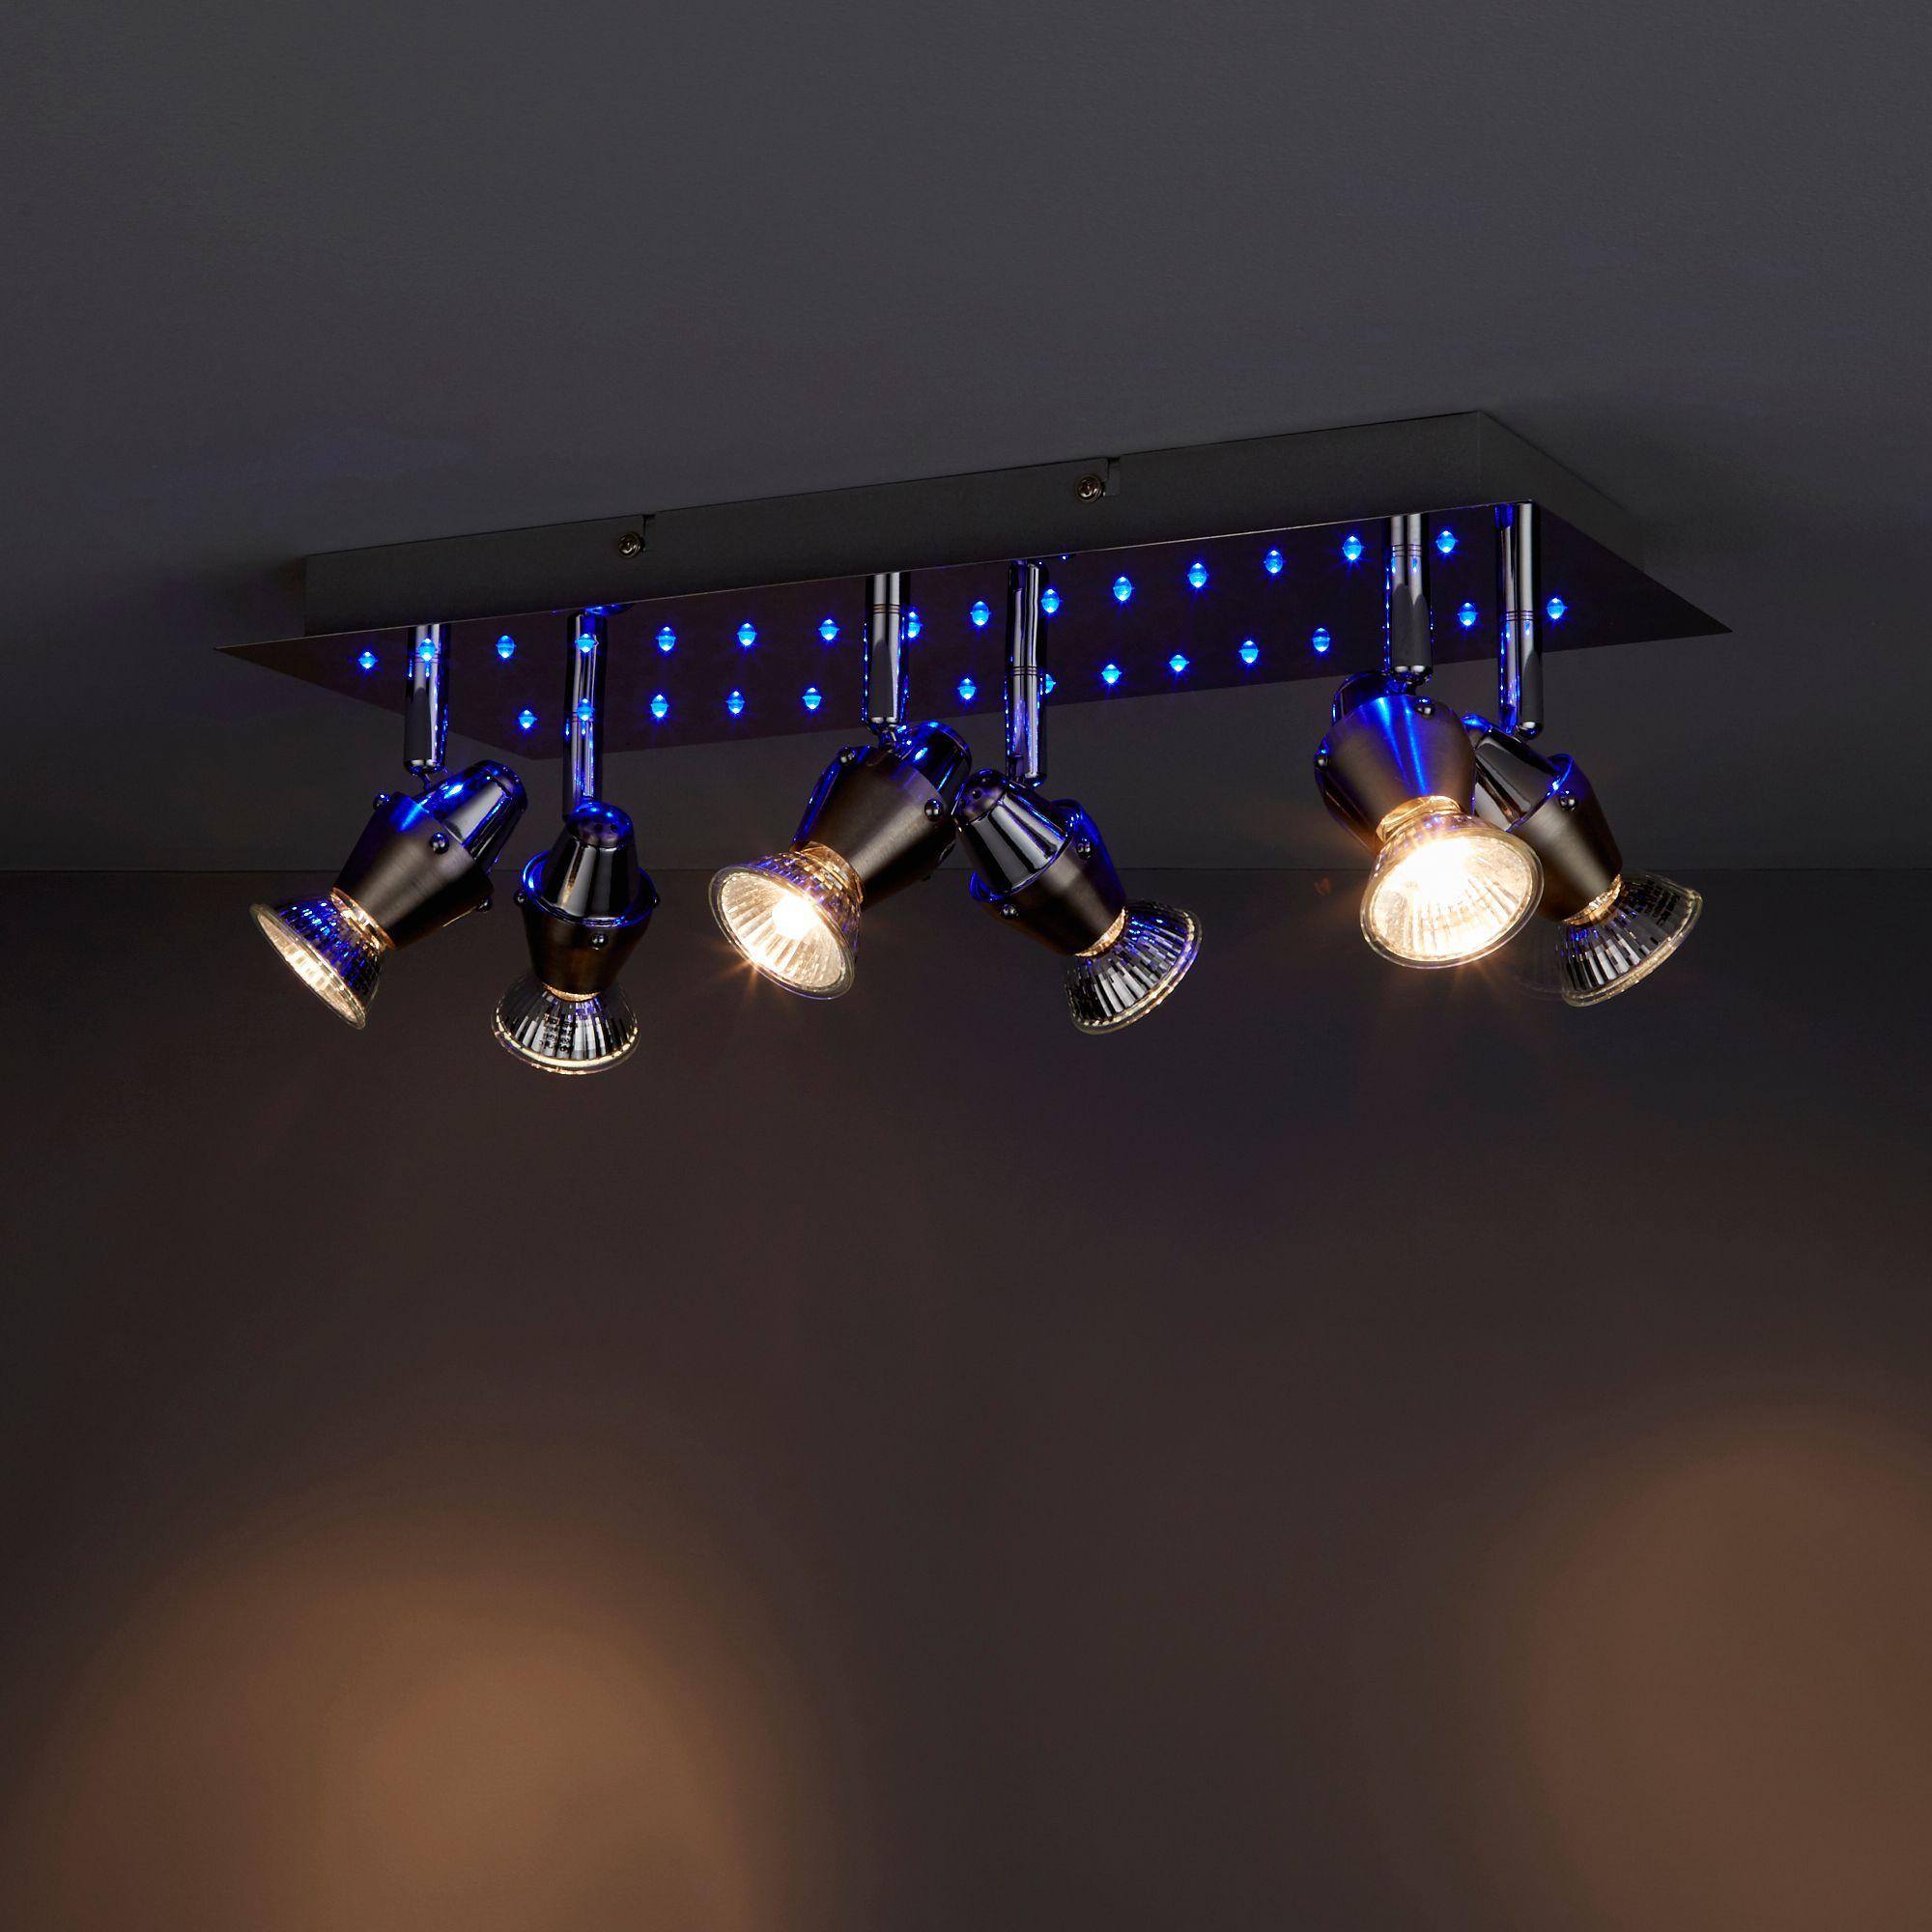 Ceraon Brushed chrome effect 6 Lamp Spotlight